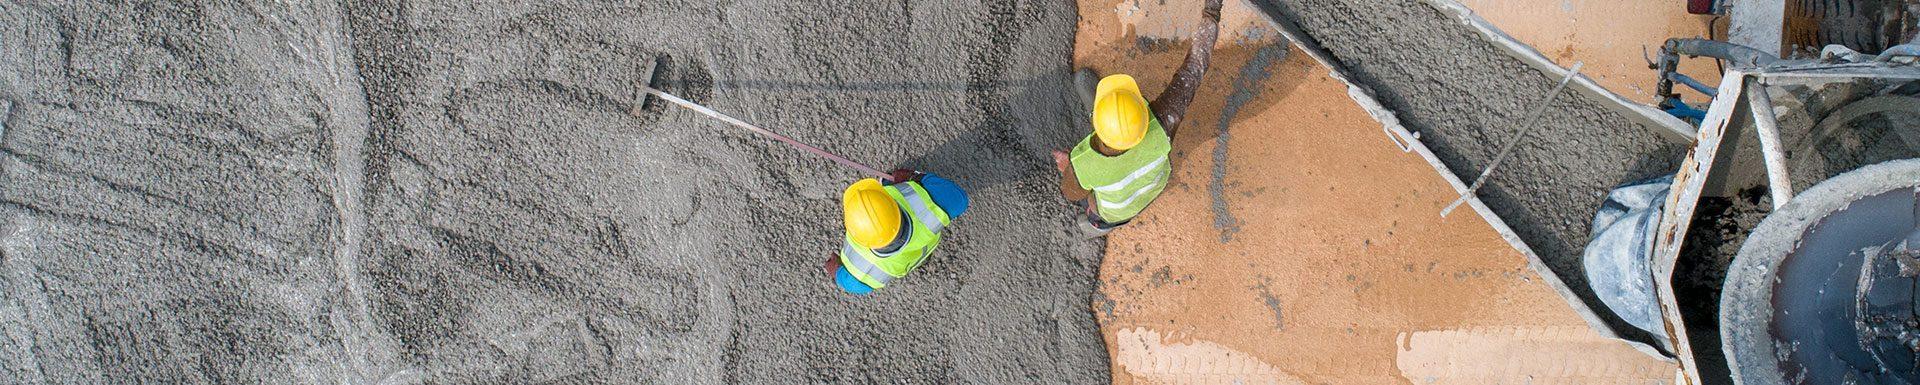 O nosso objetivo é fornecer concreto e argamassa de qualidade, na dosagem certa, com prazo e condições de atendimento para você construir mais e melhor.